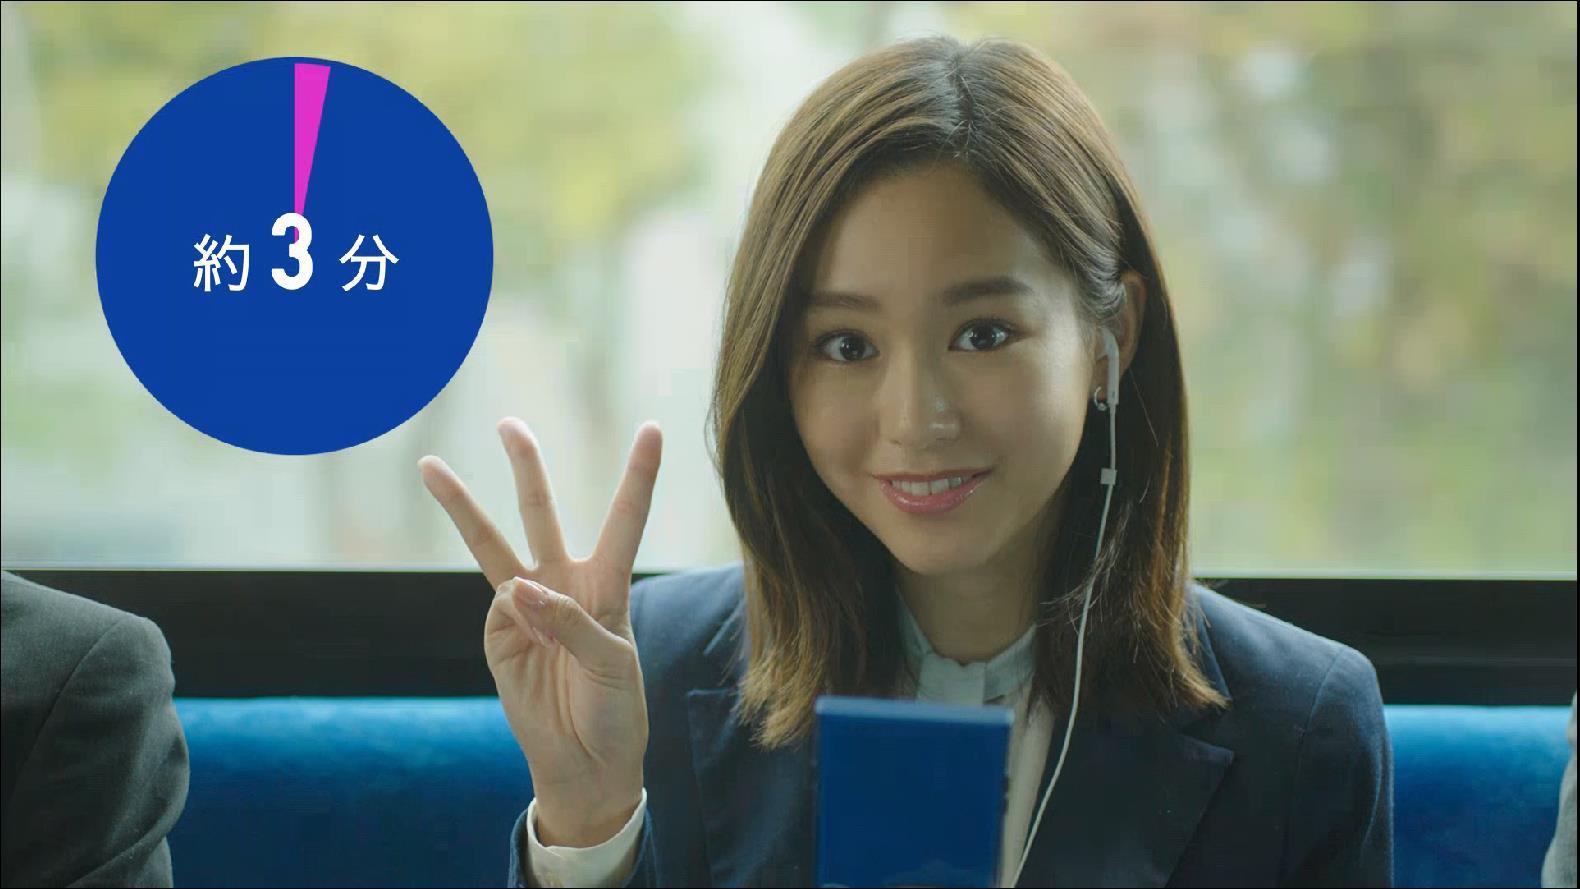 『スタディサプリENGLISH』シリーズ初のCMキャラクターに桐谷美玲さん起用! 4月1日より放送開始